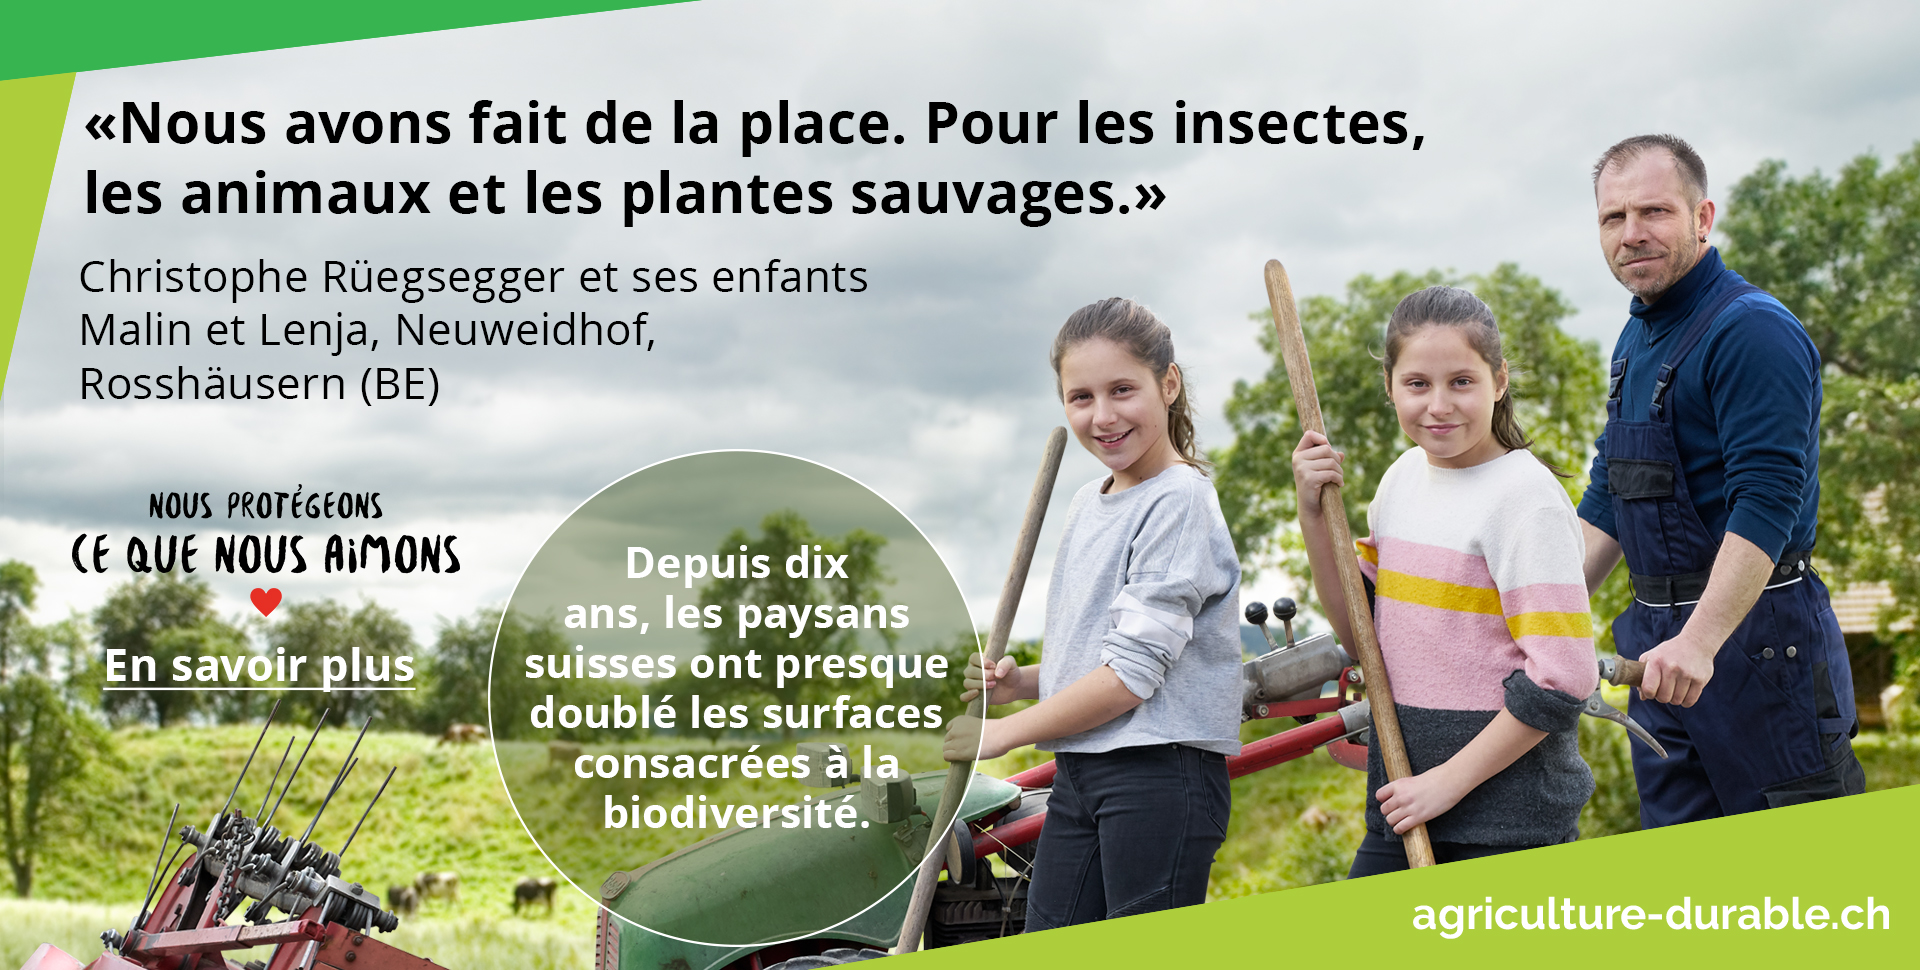 Depuis dix ans, les paysans suisses ont presque doublé les surfaces consacrées à la biodiversité.